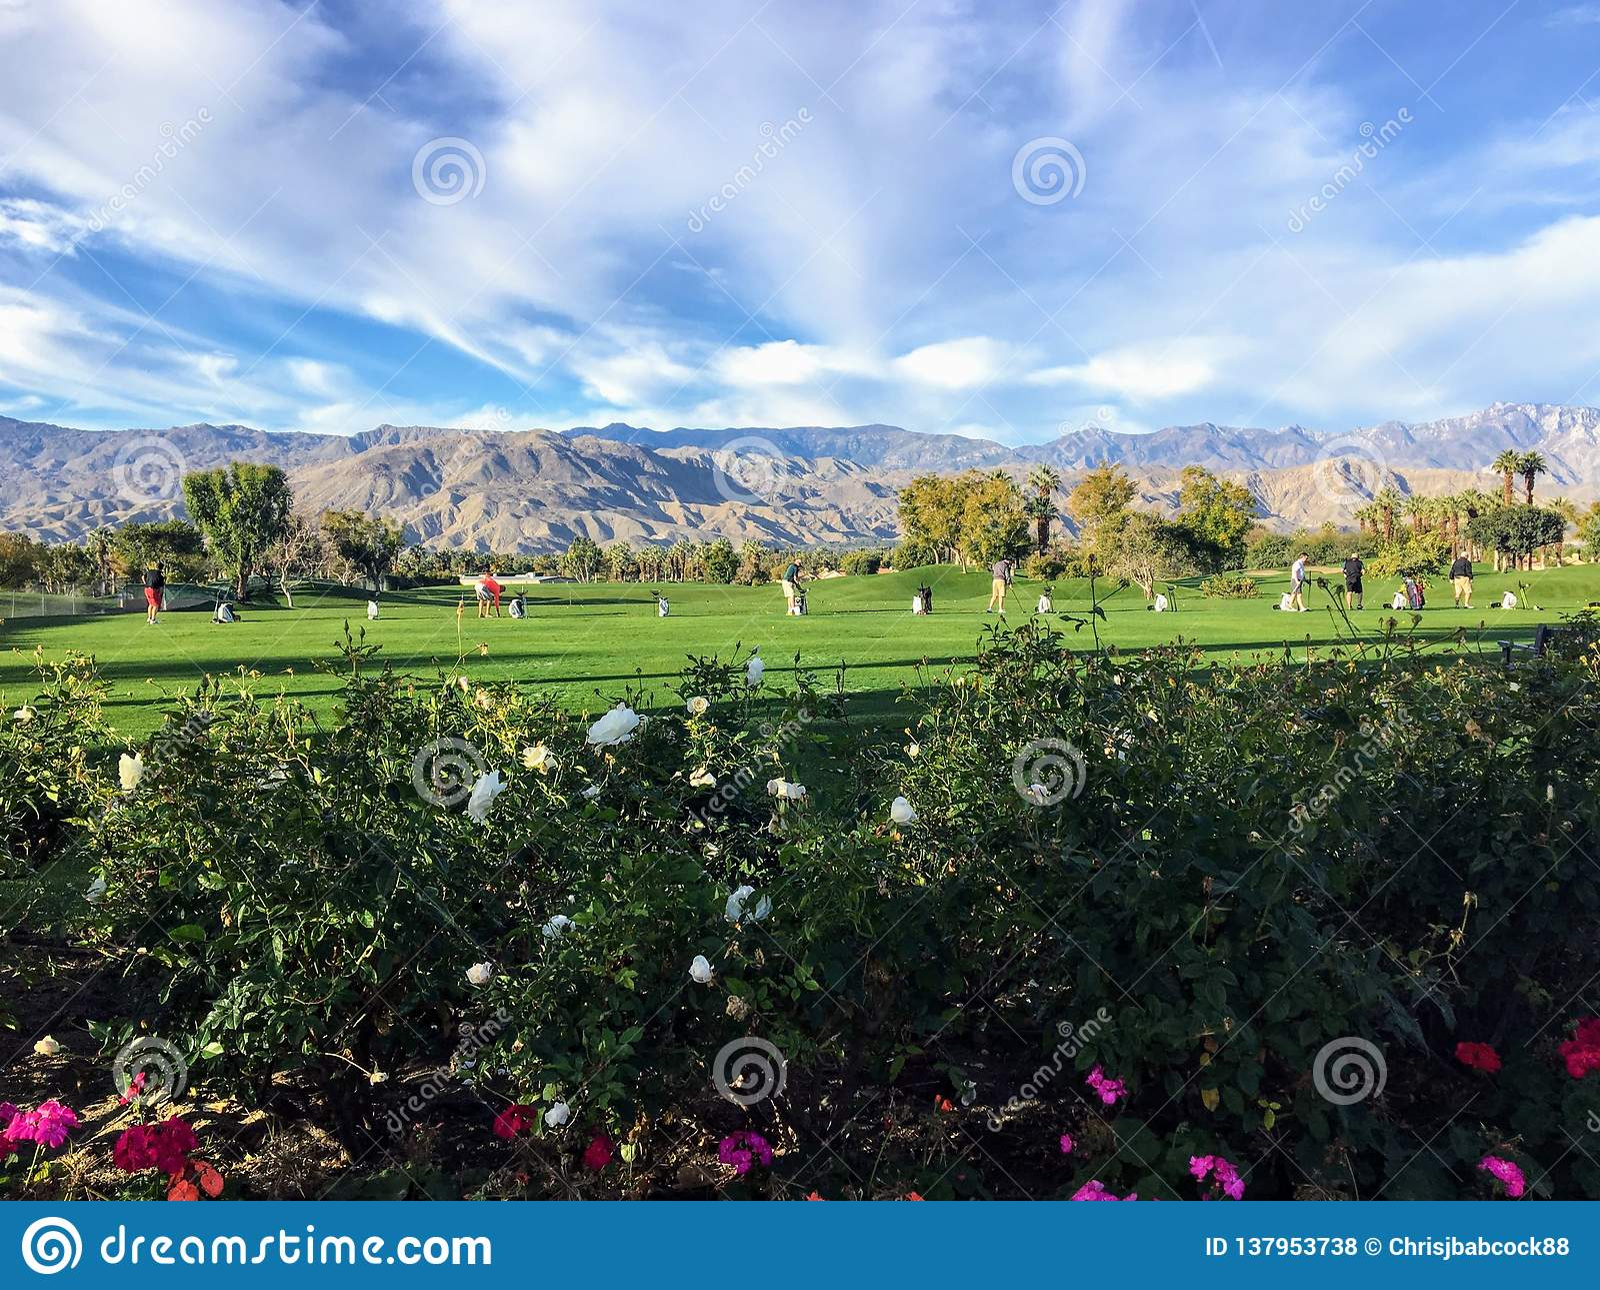 Όμορφη οδηγώντας σειρά χλόης στο Παλμ Σπρινγκς, Καλιφόρνια, Ηνωμένες Πολιτείες Η σειρά είναι χλόη με τα λουλούδια στο πρώτο πλάνο